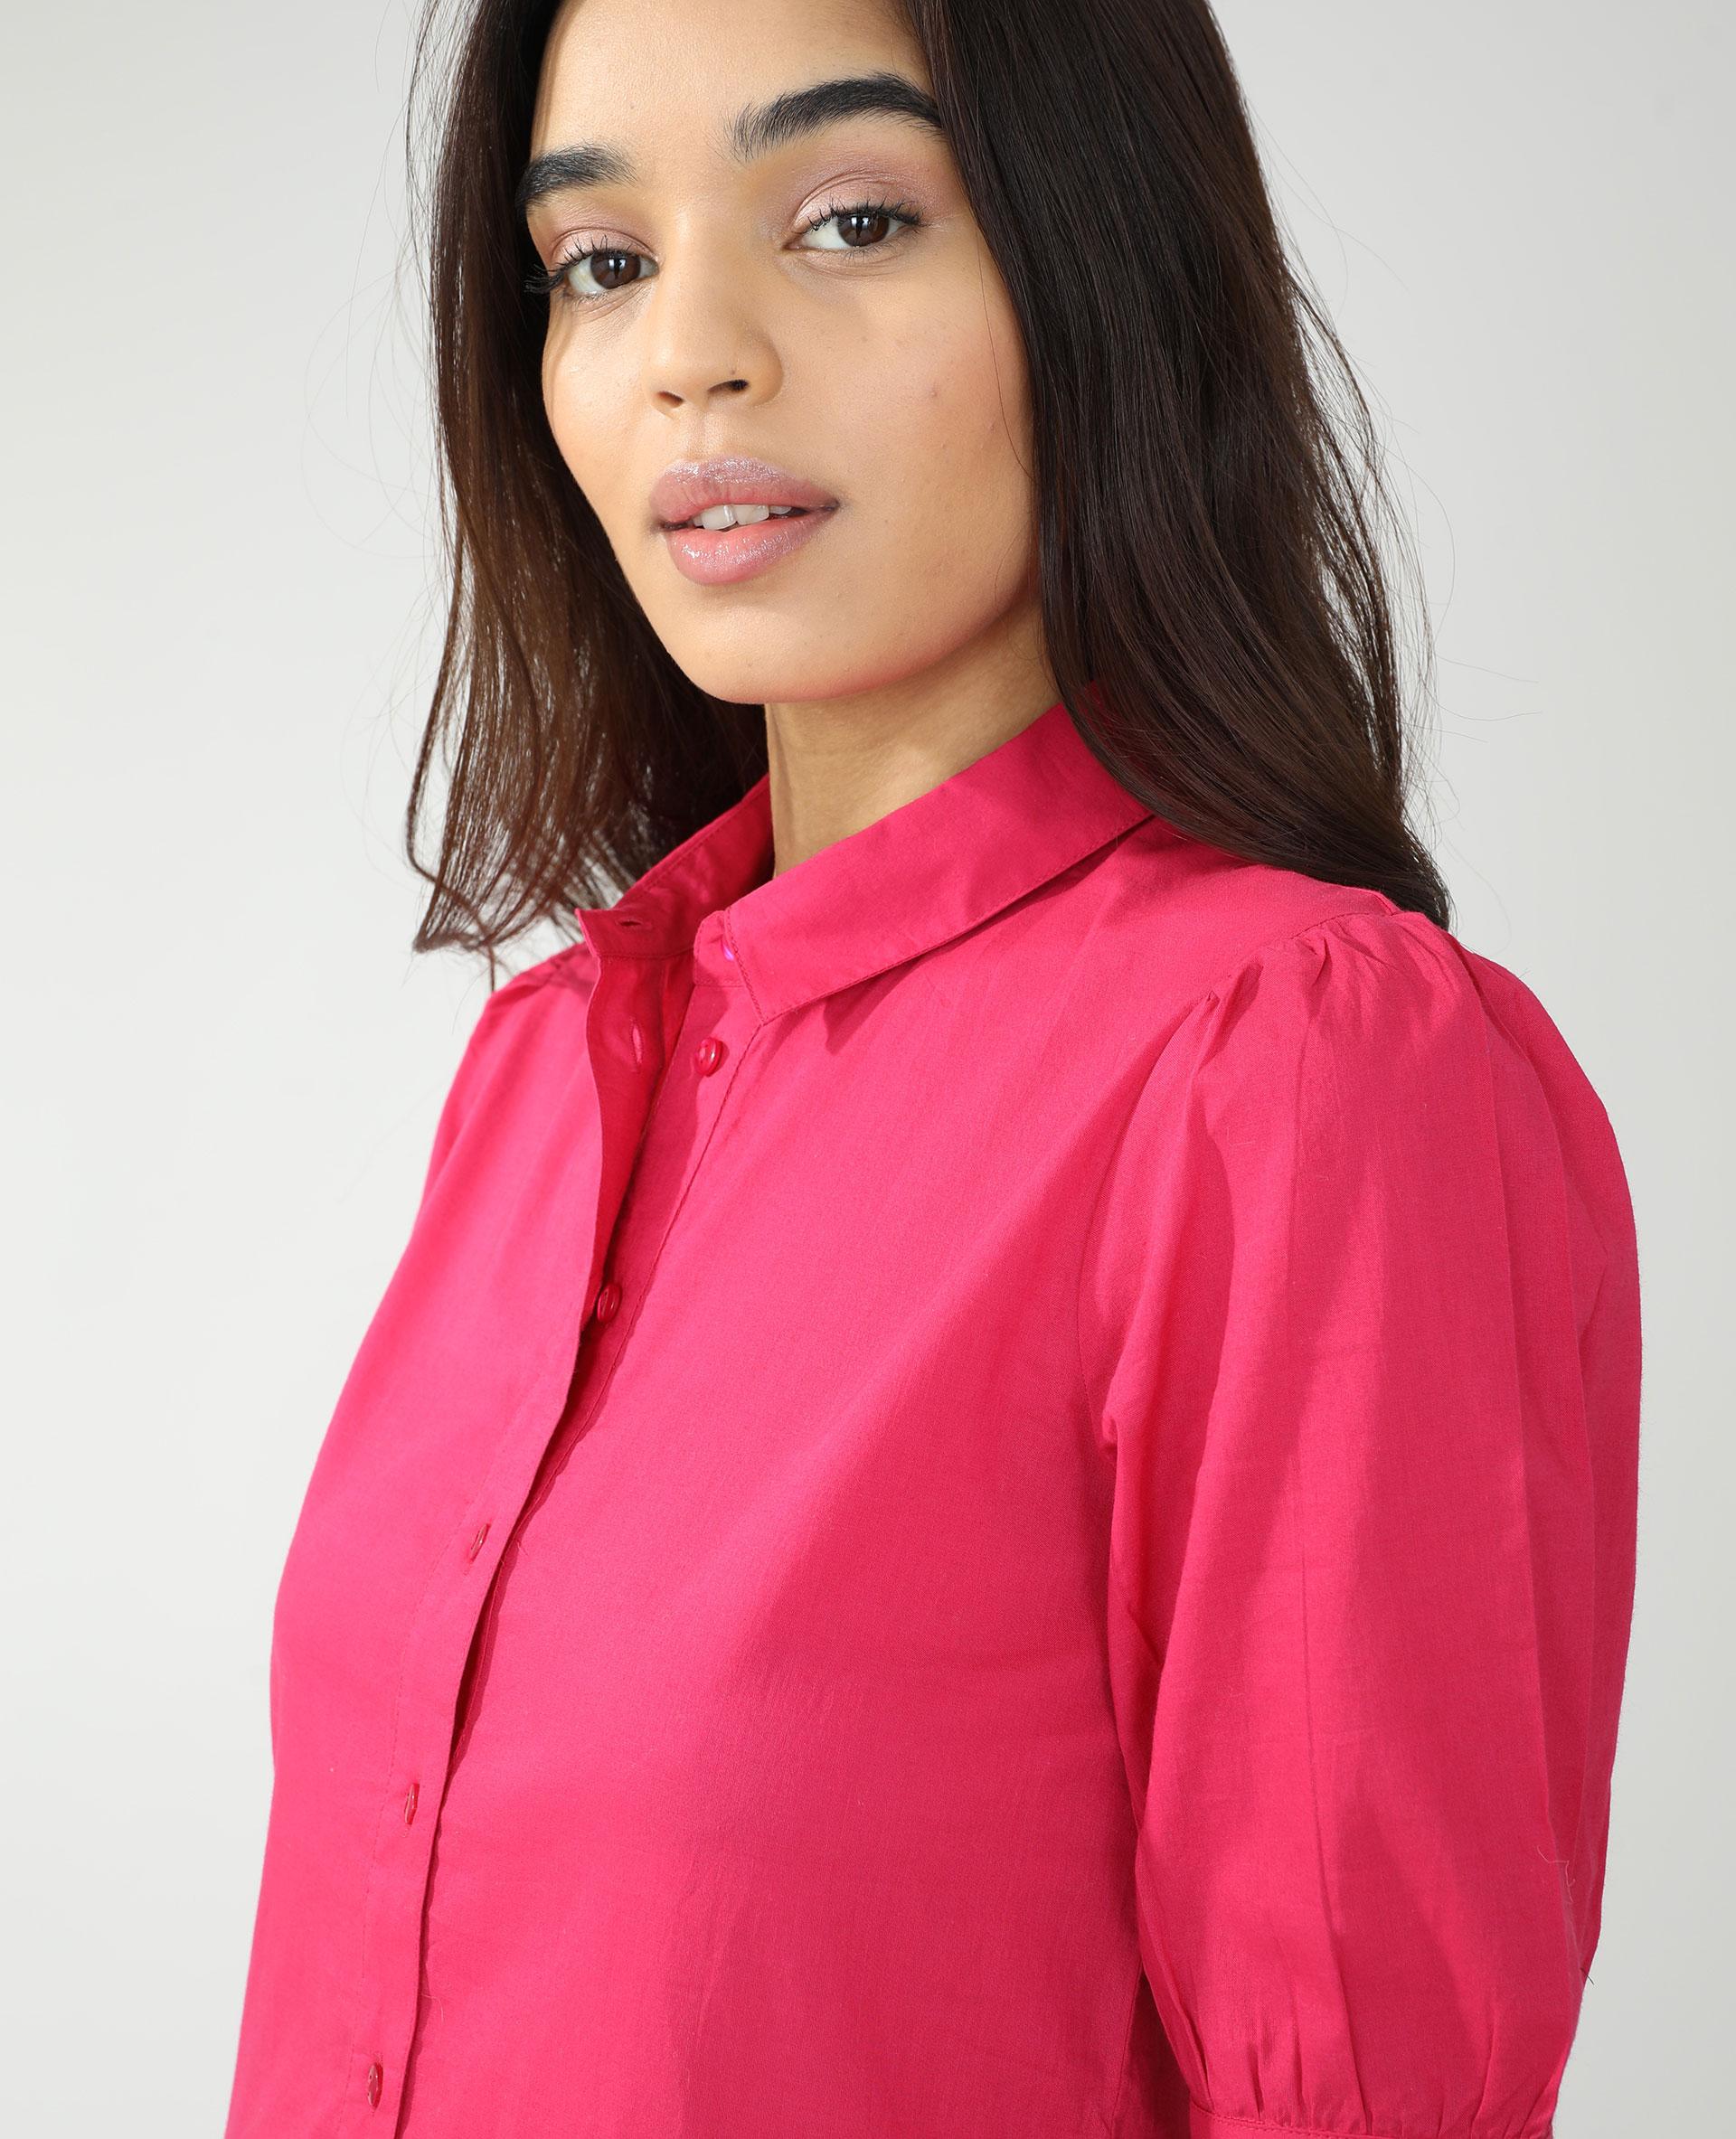 Abito camicia rosa - Pimkie